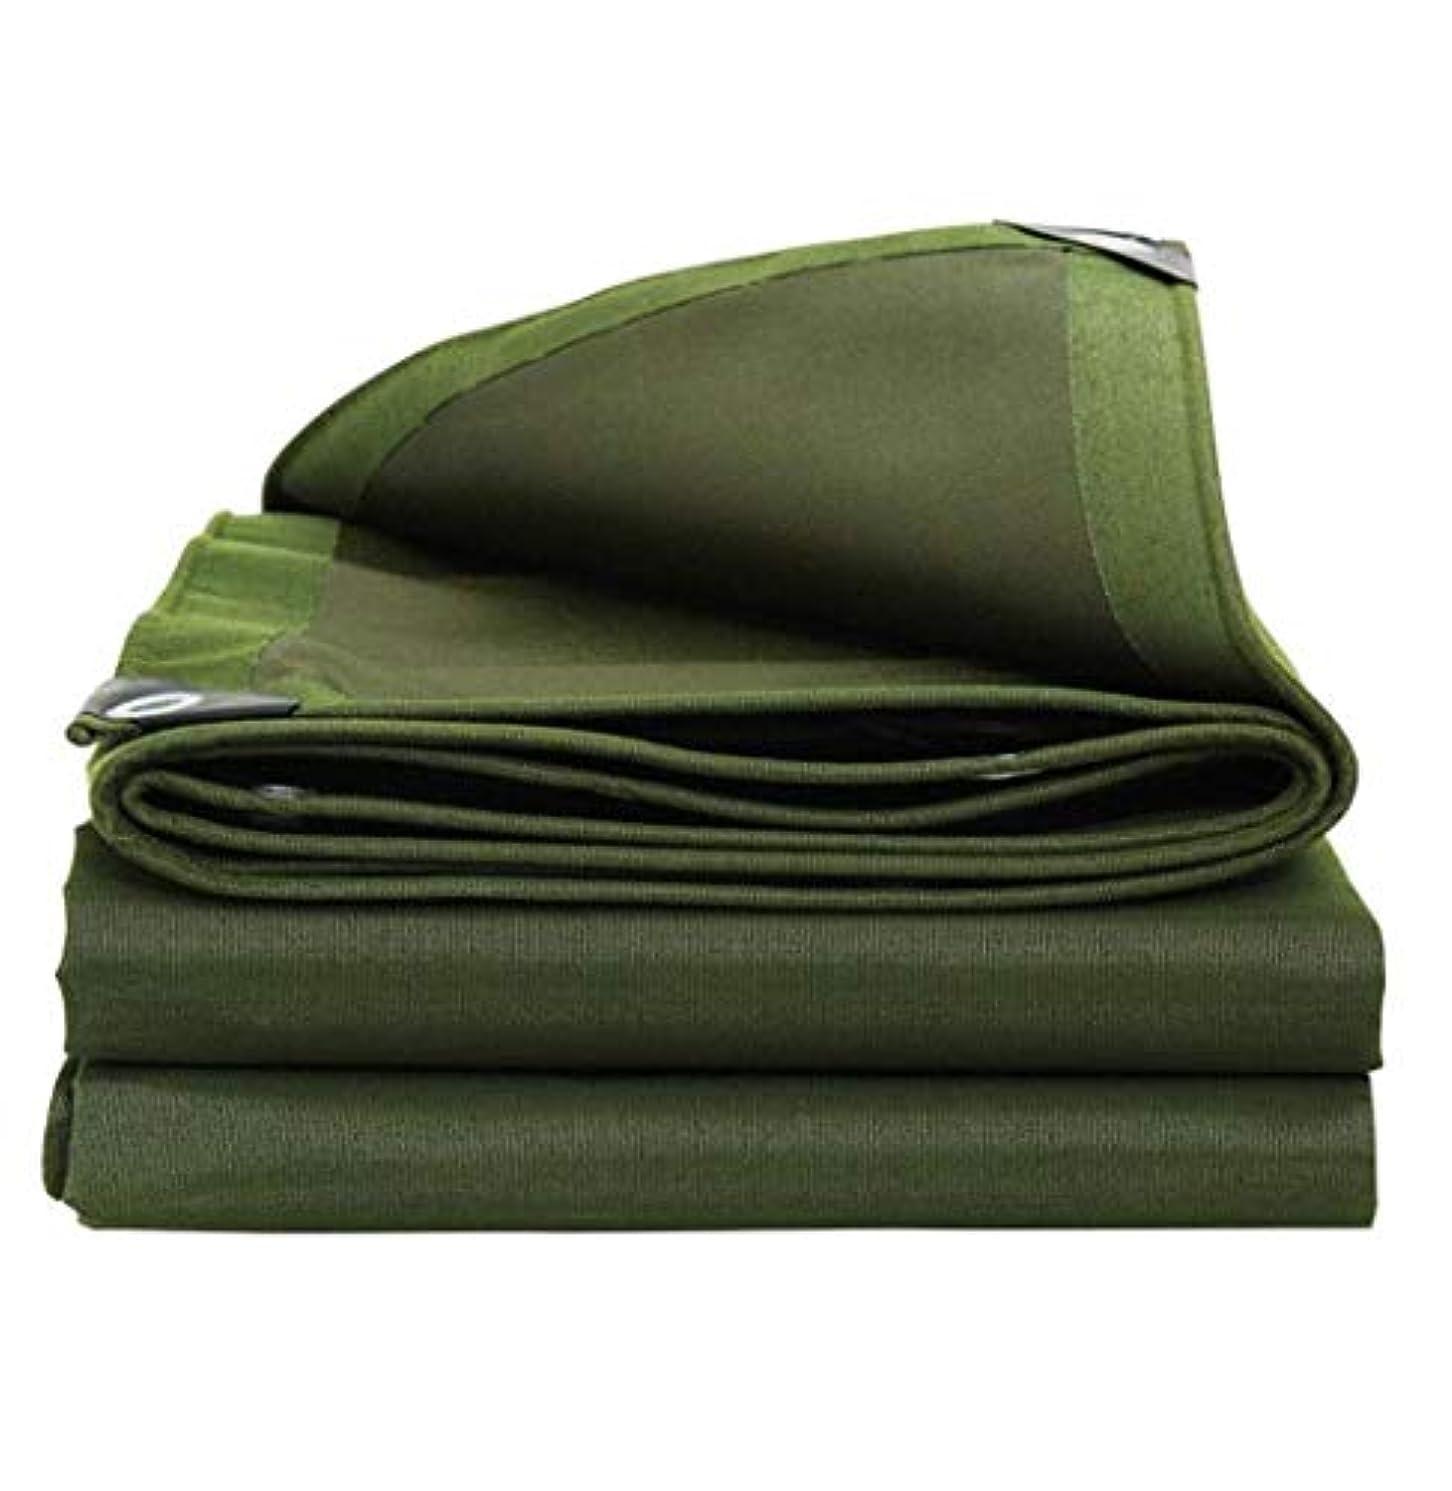 のヒープ難破船振り子ZX タープ 防水シートヘビーデューティ防水厚いタープキャンバスにとってボート車接地カバーアウトドア旅行 テント アウトドア (Color : Green, Size : 4x5m)